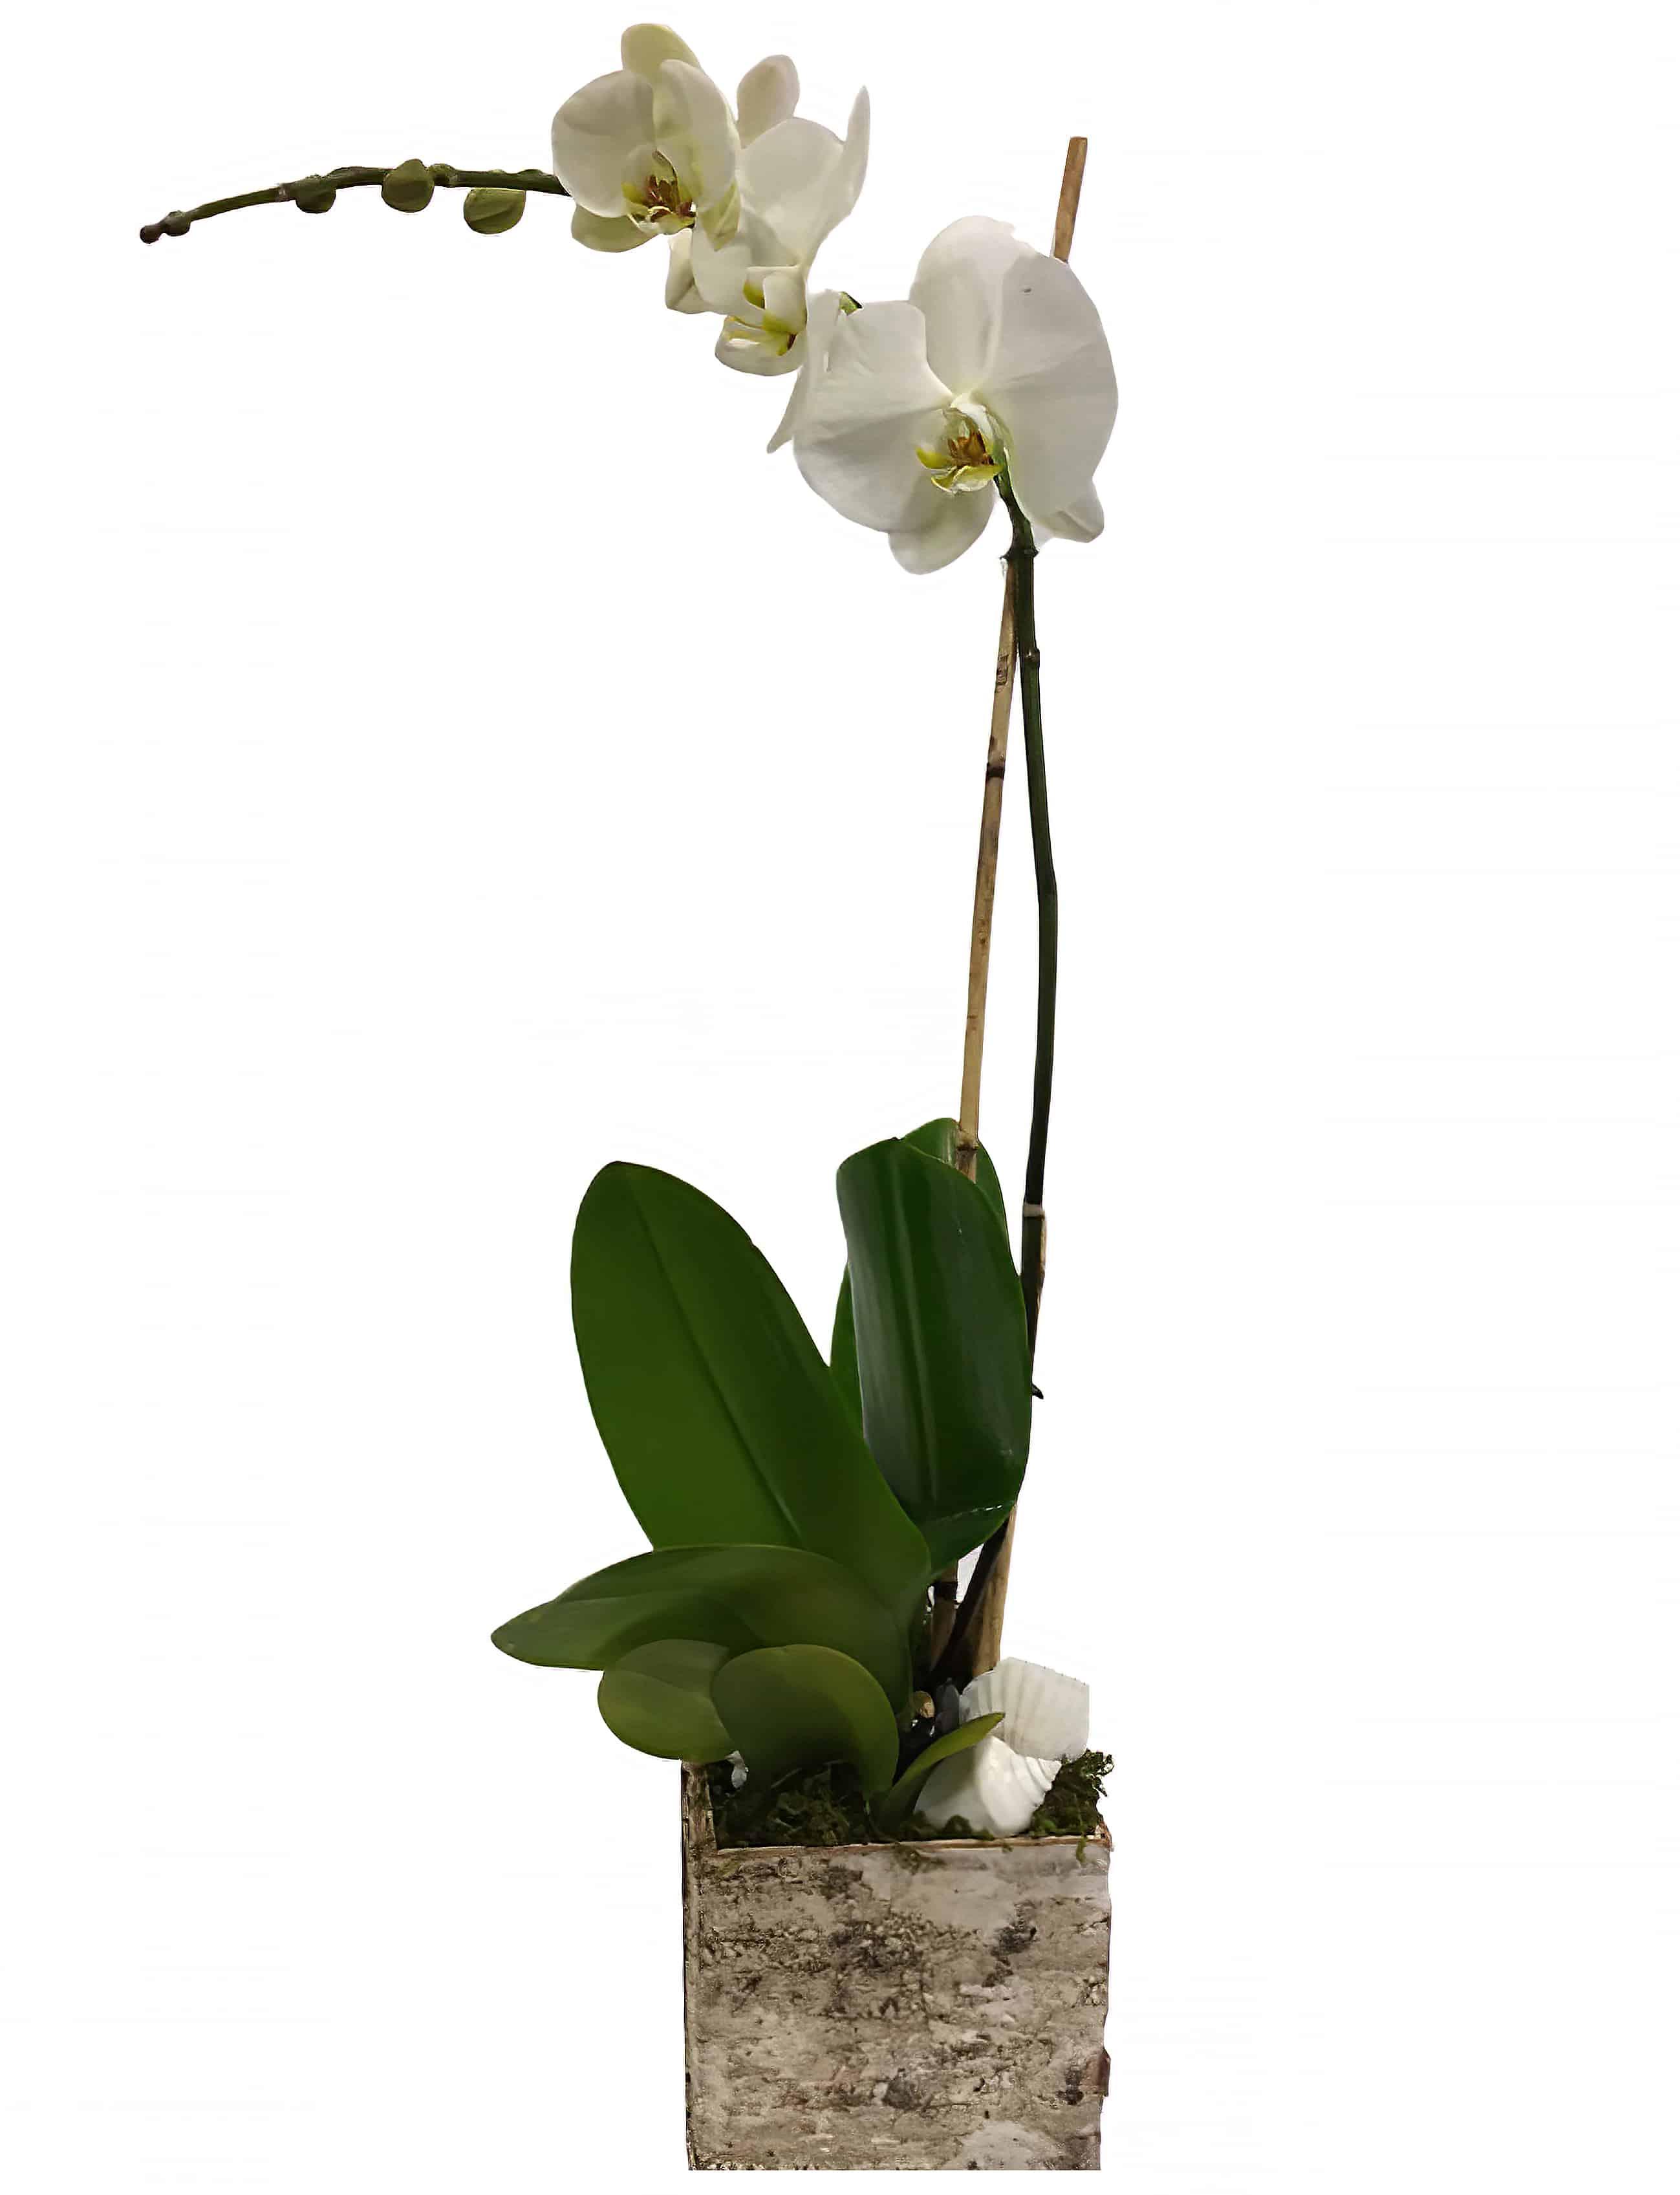 Large-Sized Phalaenopsis Orchid Plant